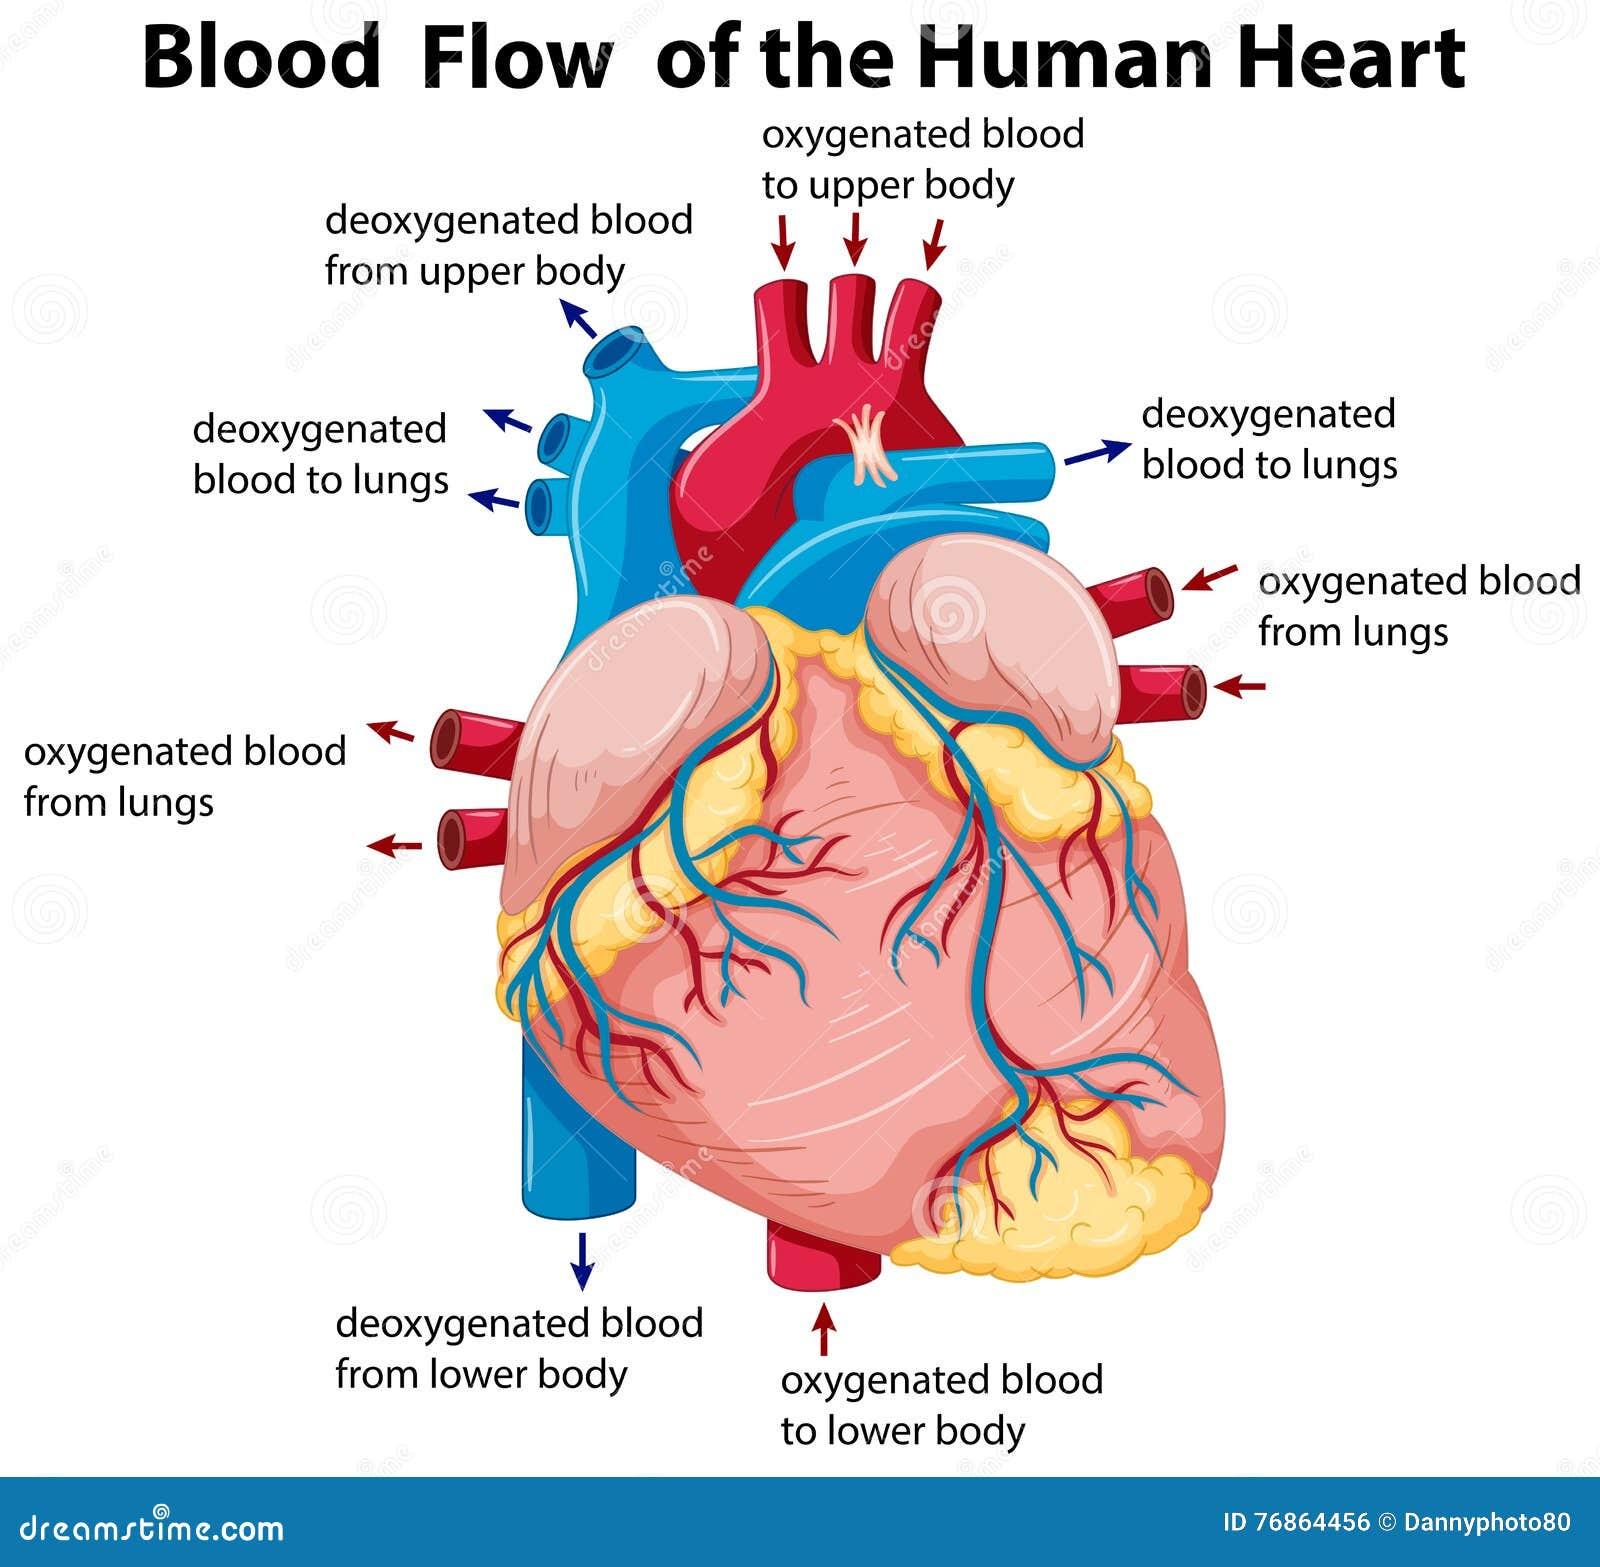 Διάγραμμα που παρουσιάζει ροή αίματος στην ανθρώπινη καρδιά